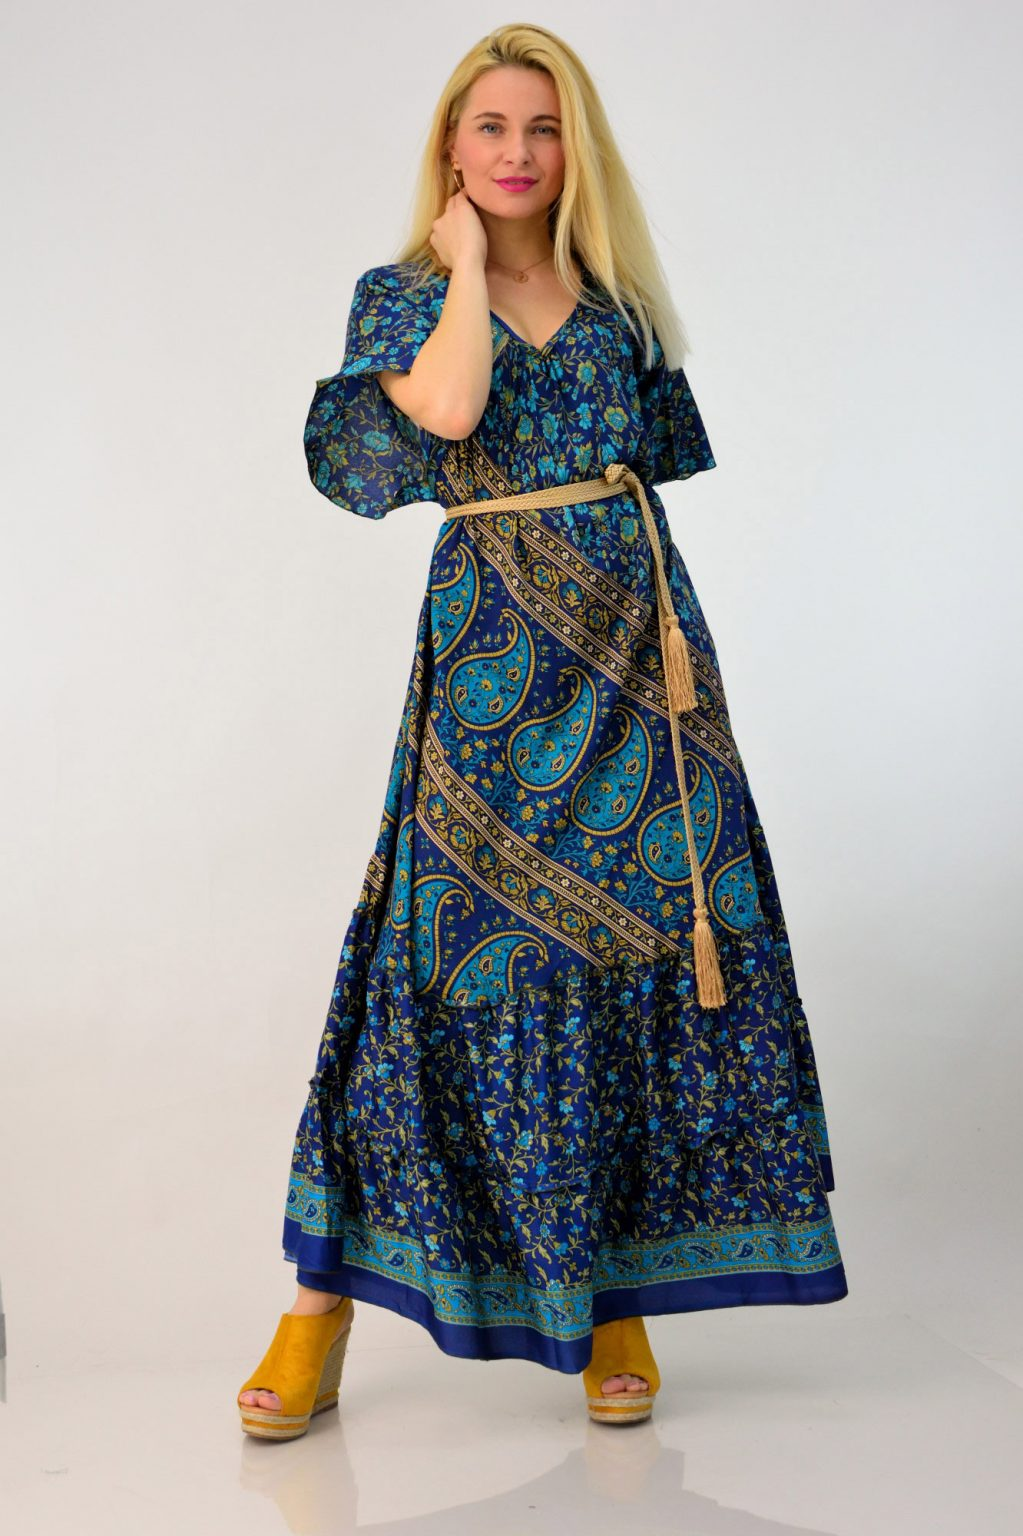 9213512d6df Δες εδώ τα μακριά φορέματα της POTRE και διάλεξε το αγαπημένο σου. Το  καλύτερο είναι ότι τα μεταφορικά είναι δωρεάν στην Ελλάδα για αγορές άνω  των 40 € ...